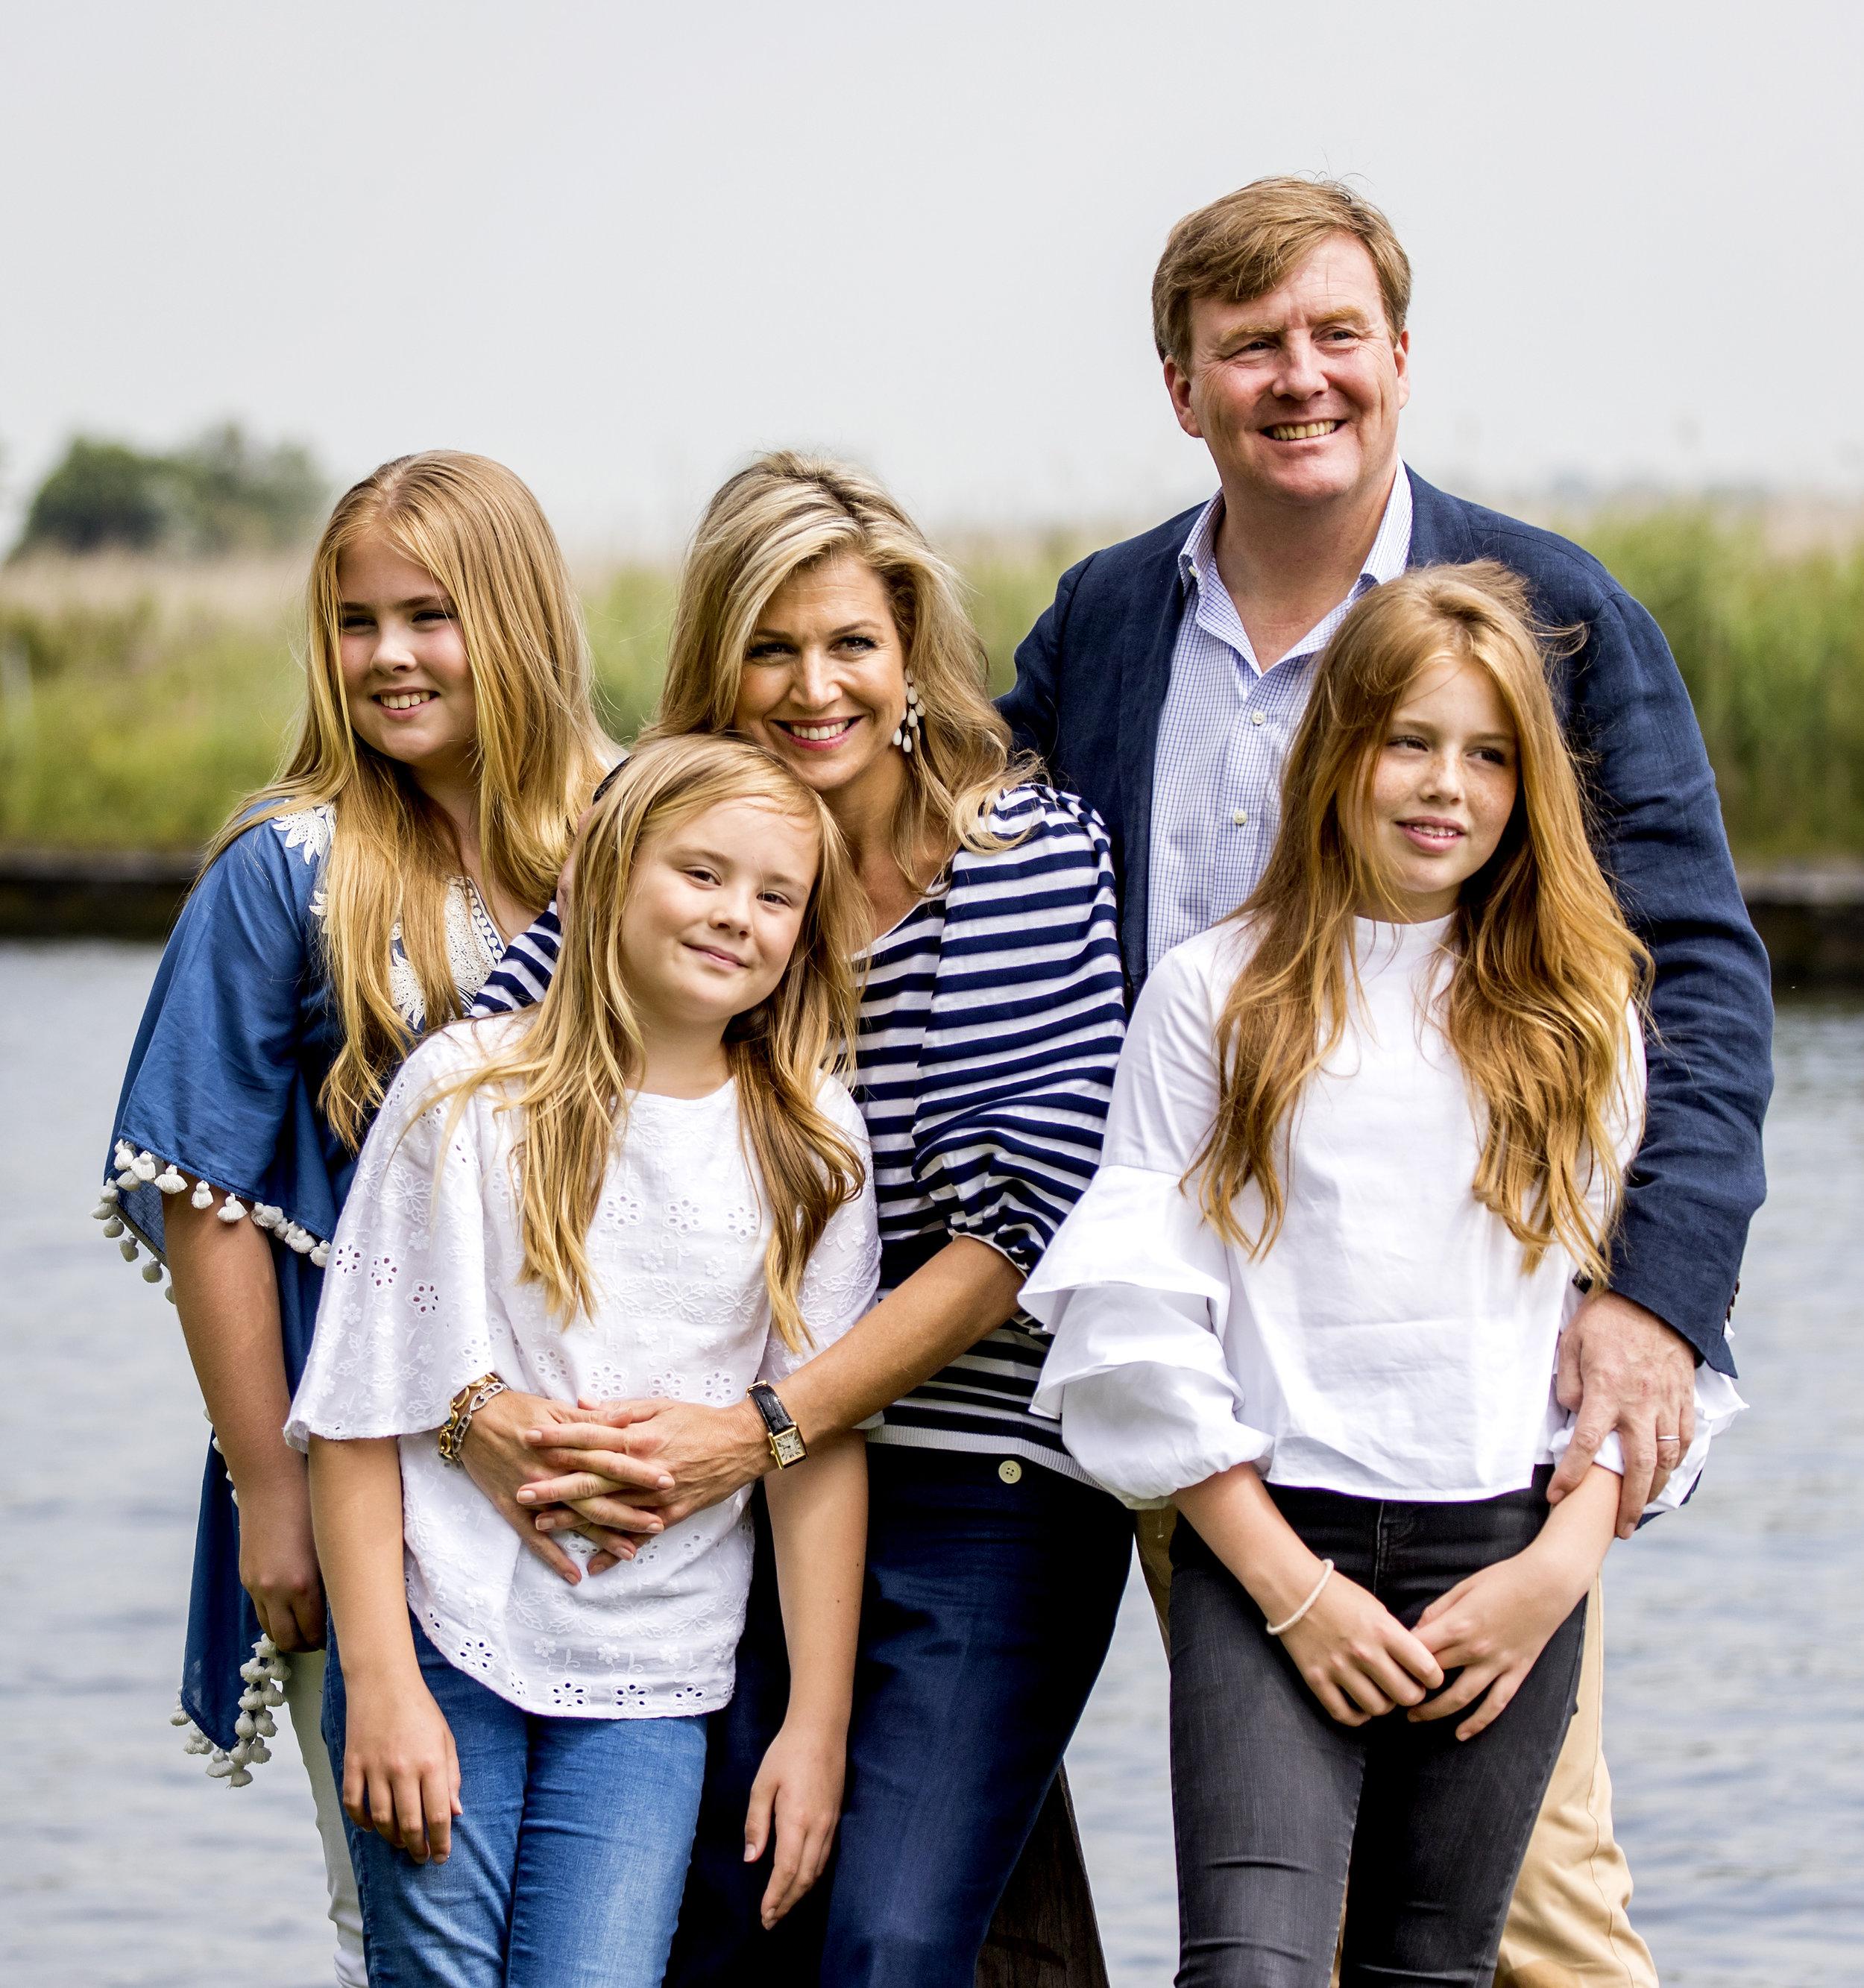 Mit ihren drei Töchtern verbrachten Maxima und Willem-Alexander ihren Urlaub in Miami    Foto:RVD, Jeroen van der Meyde